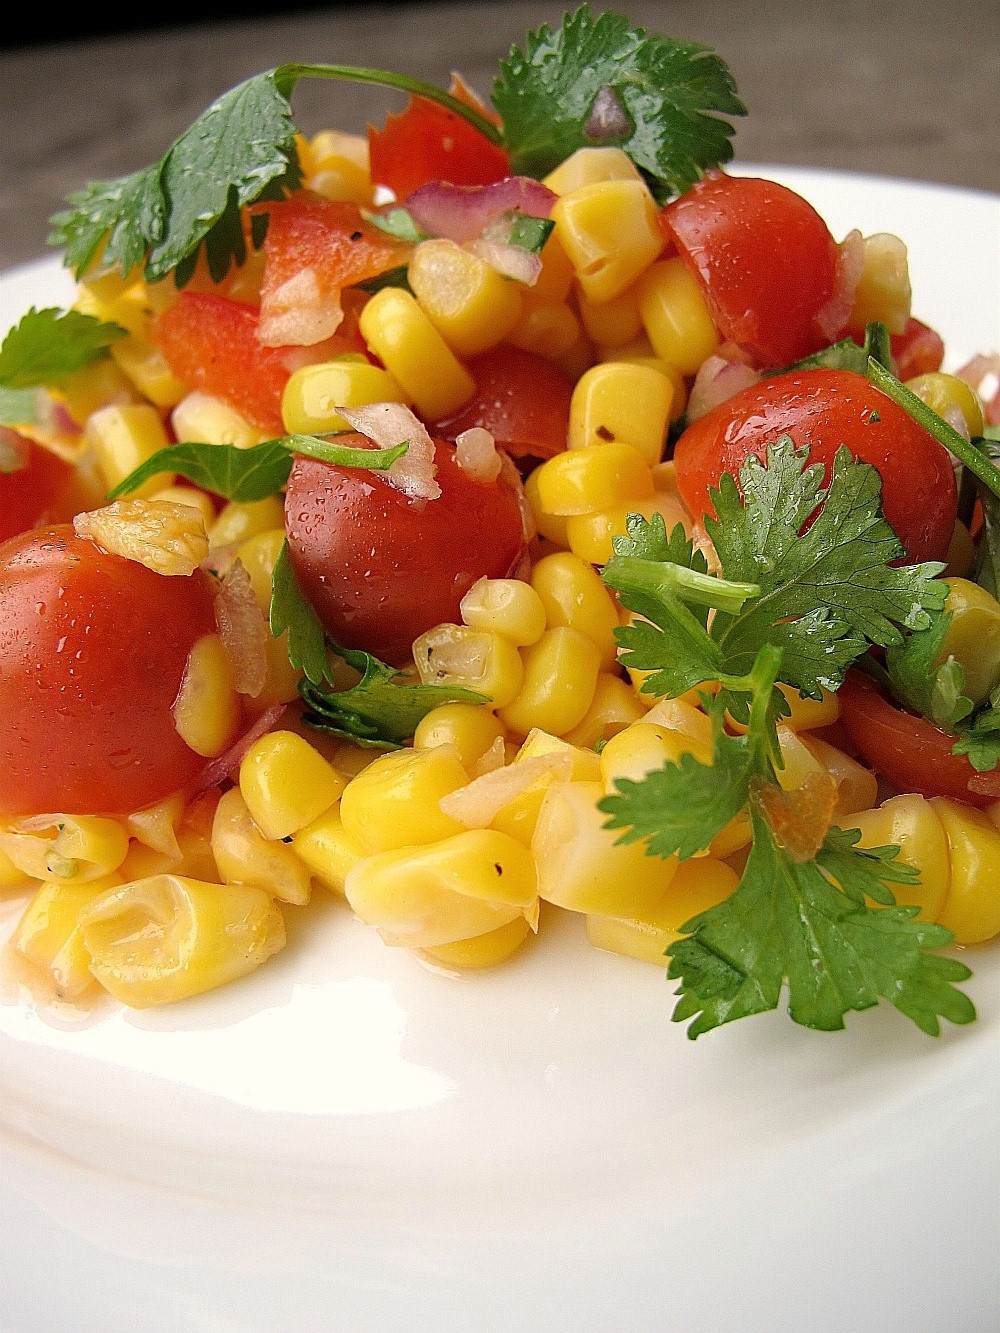 Corn Salad Recipes  The Most Delicious Corn Salad Recipe